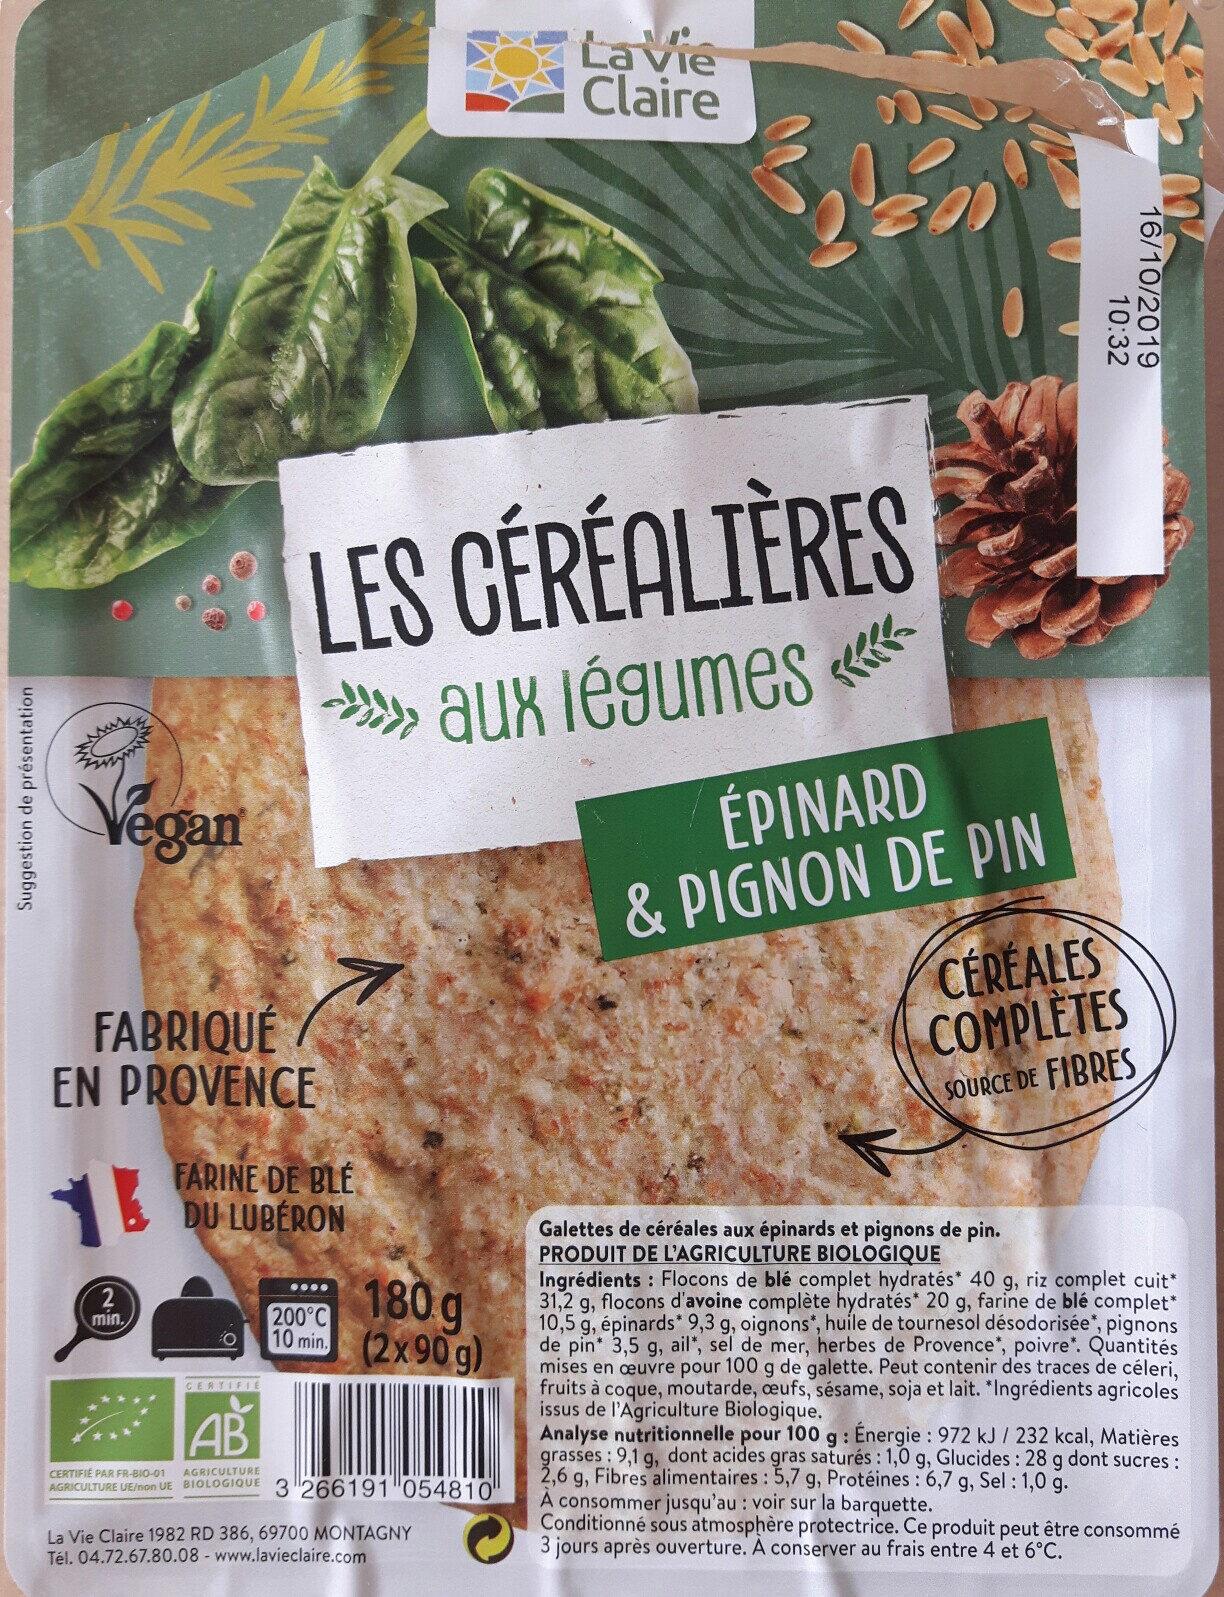 2 galettes de céréales - épinards & pignons de pin - Product - fr